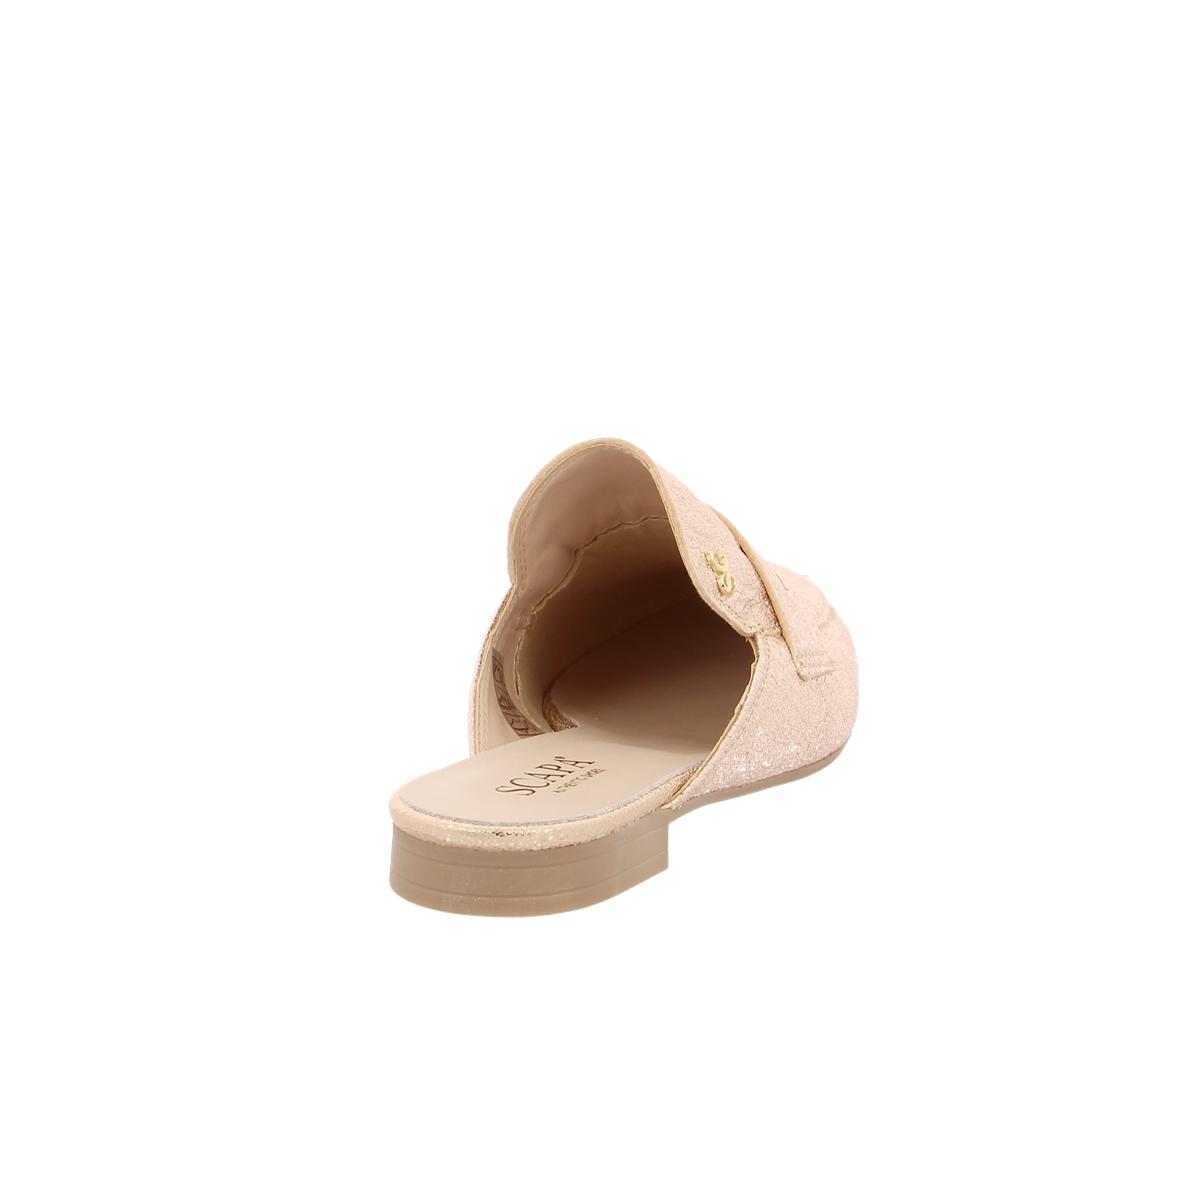 Scapa Muiltjes - slippers roze